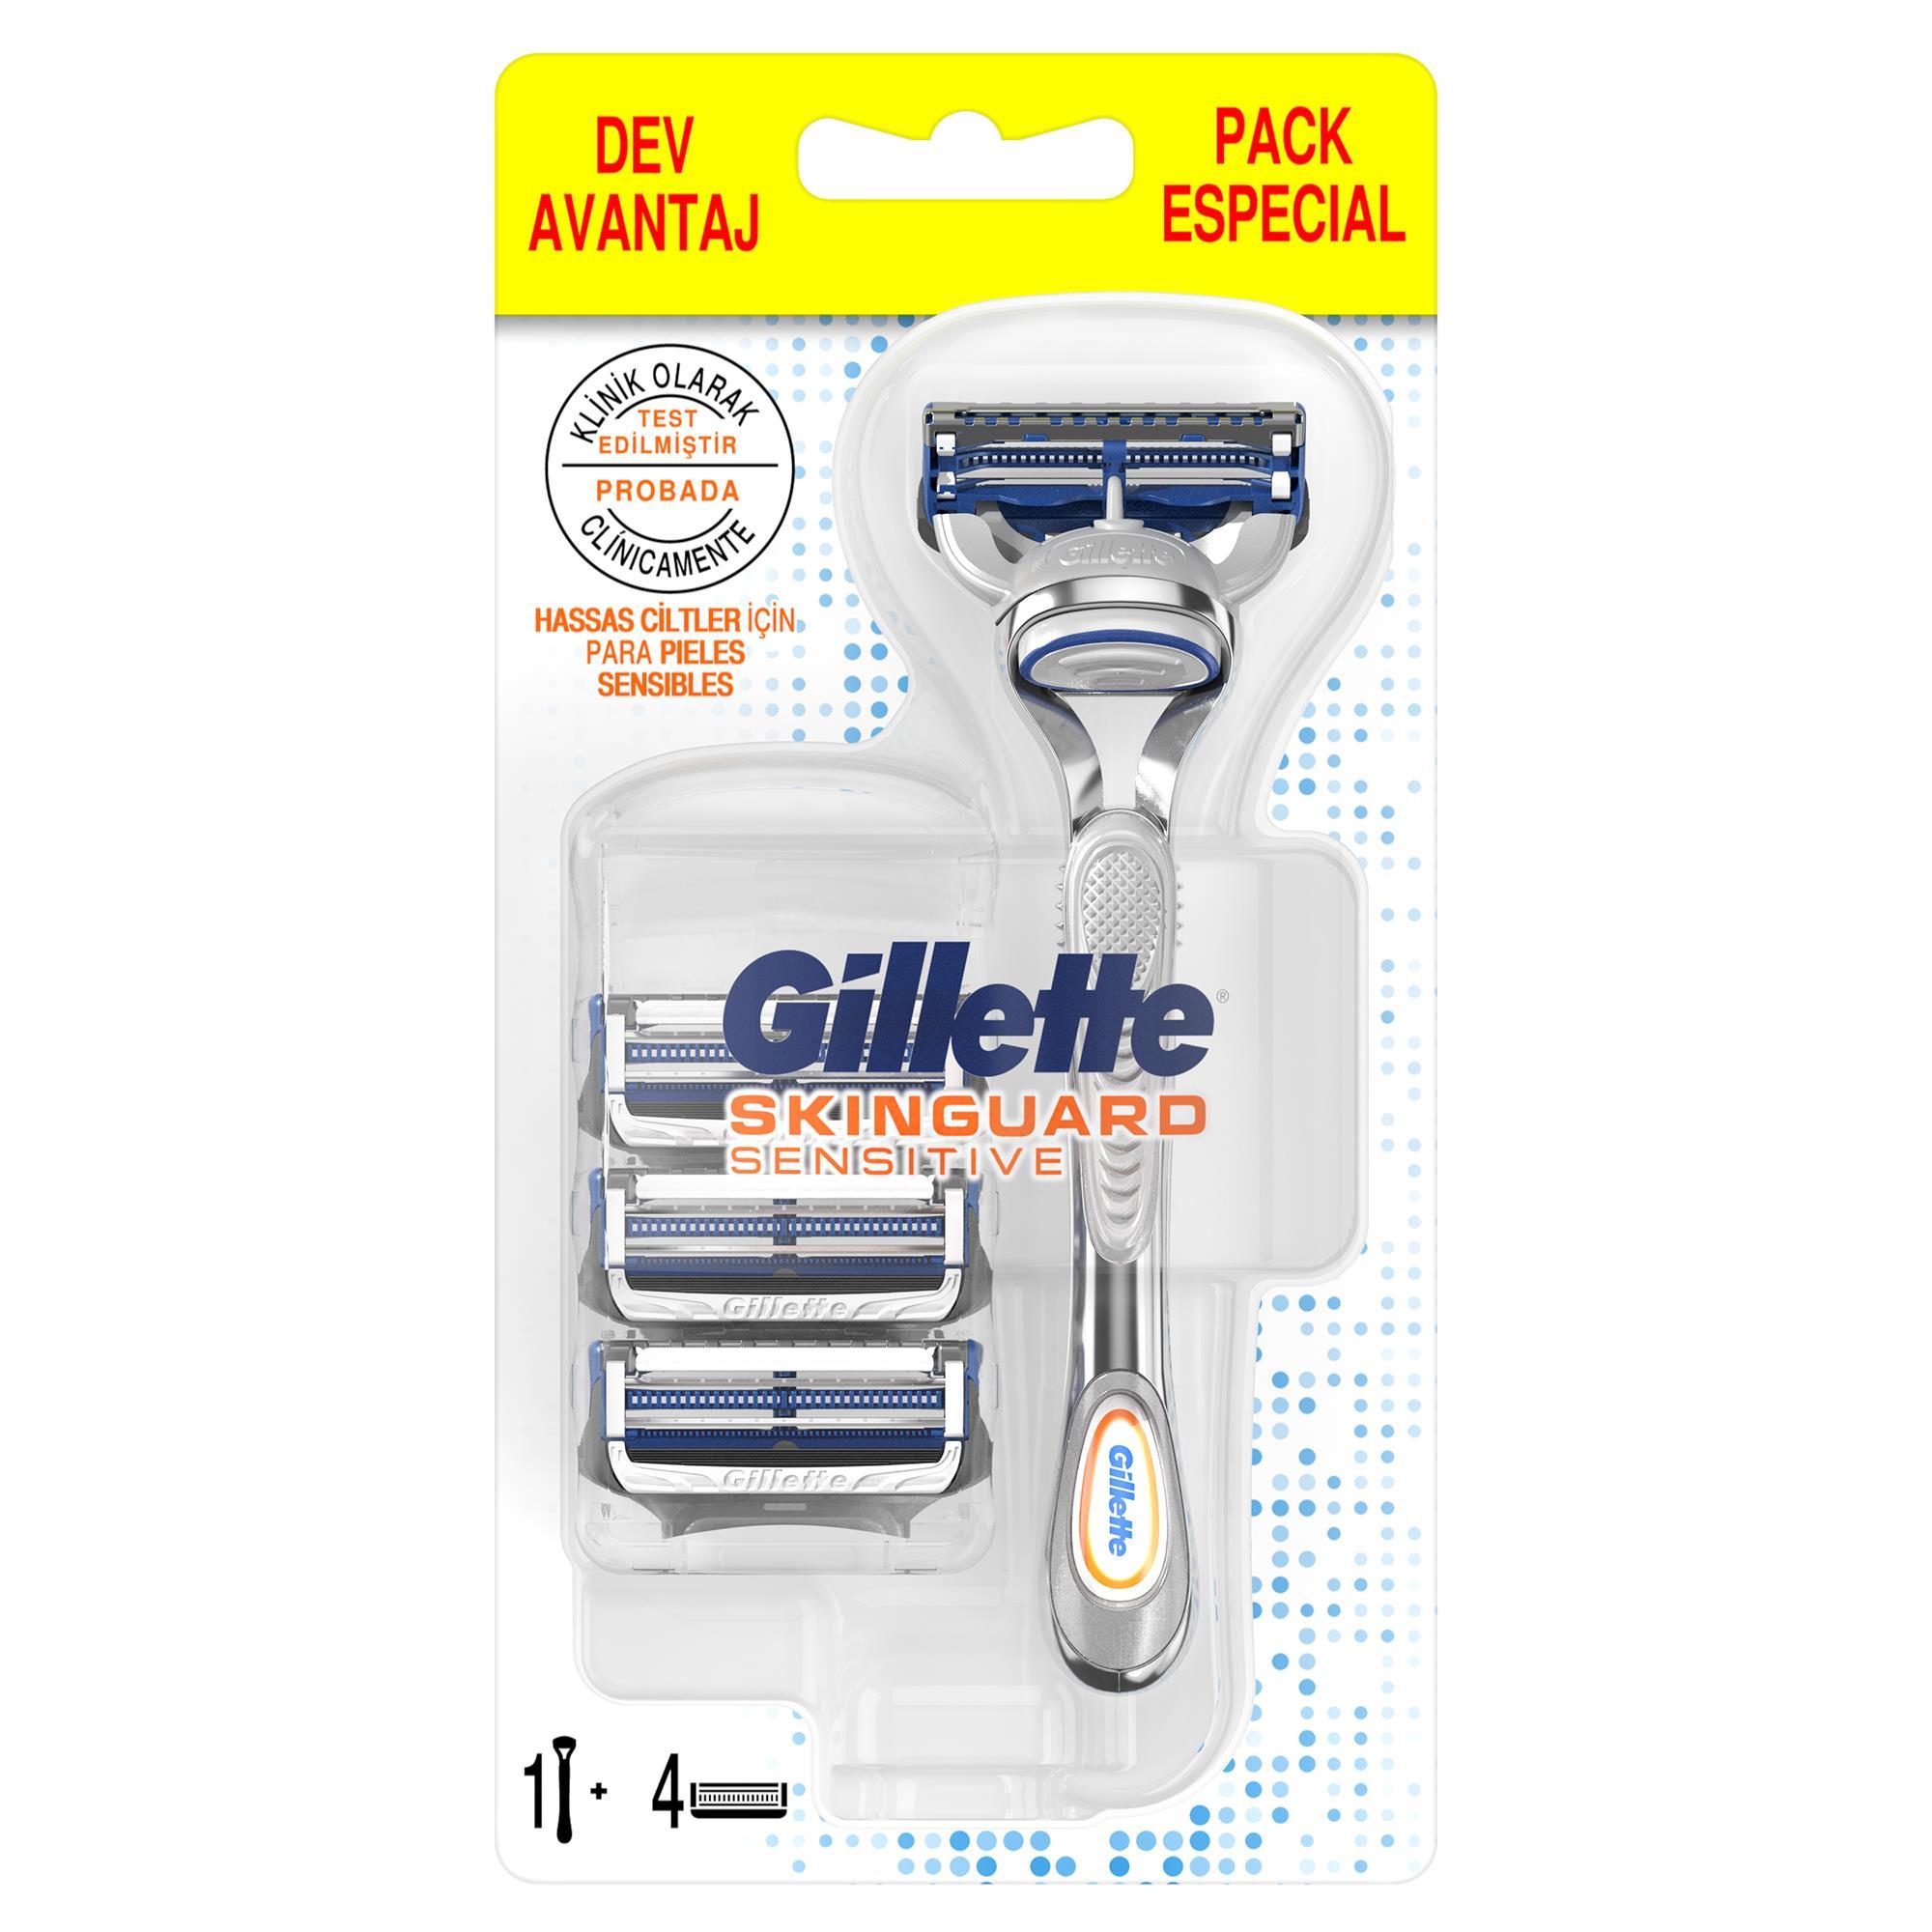 - Skinguard Tıraş Makinesi + 4'lü Yedek Tıraş Bıçağı